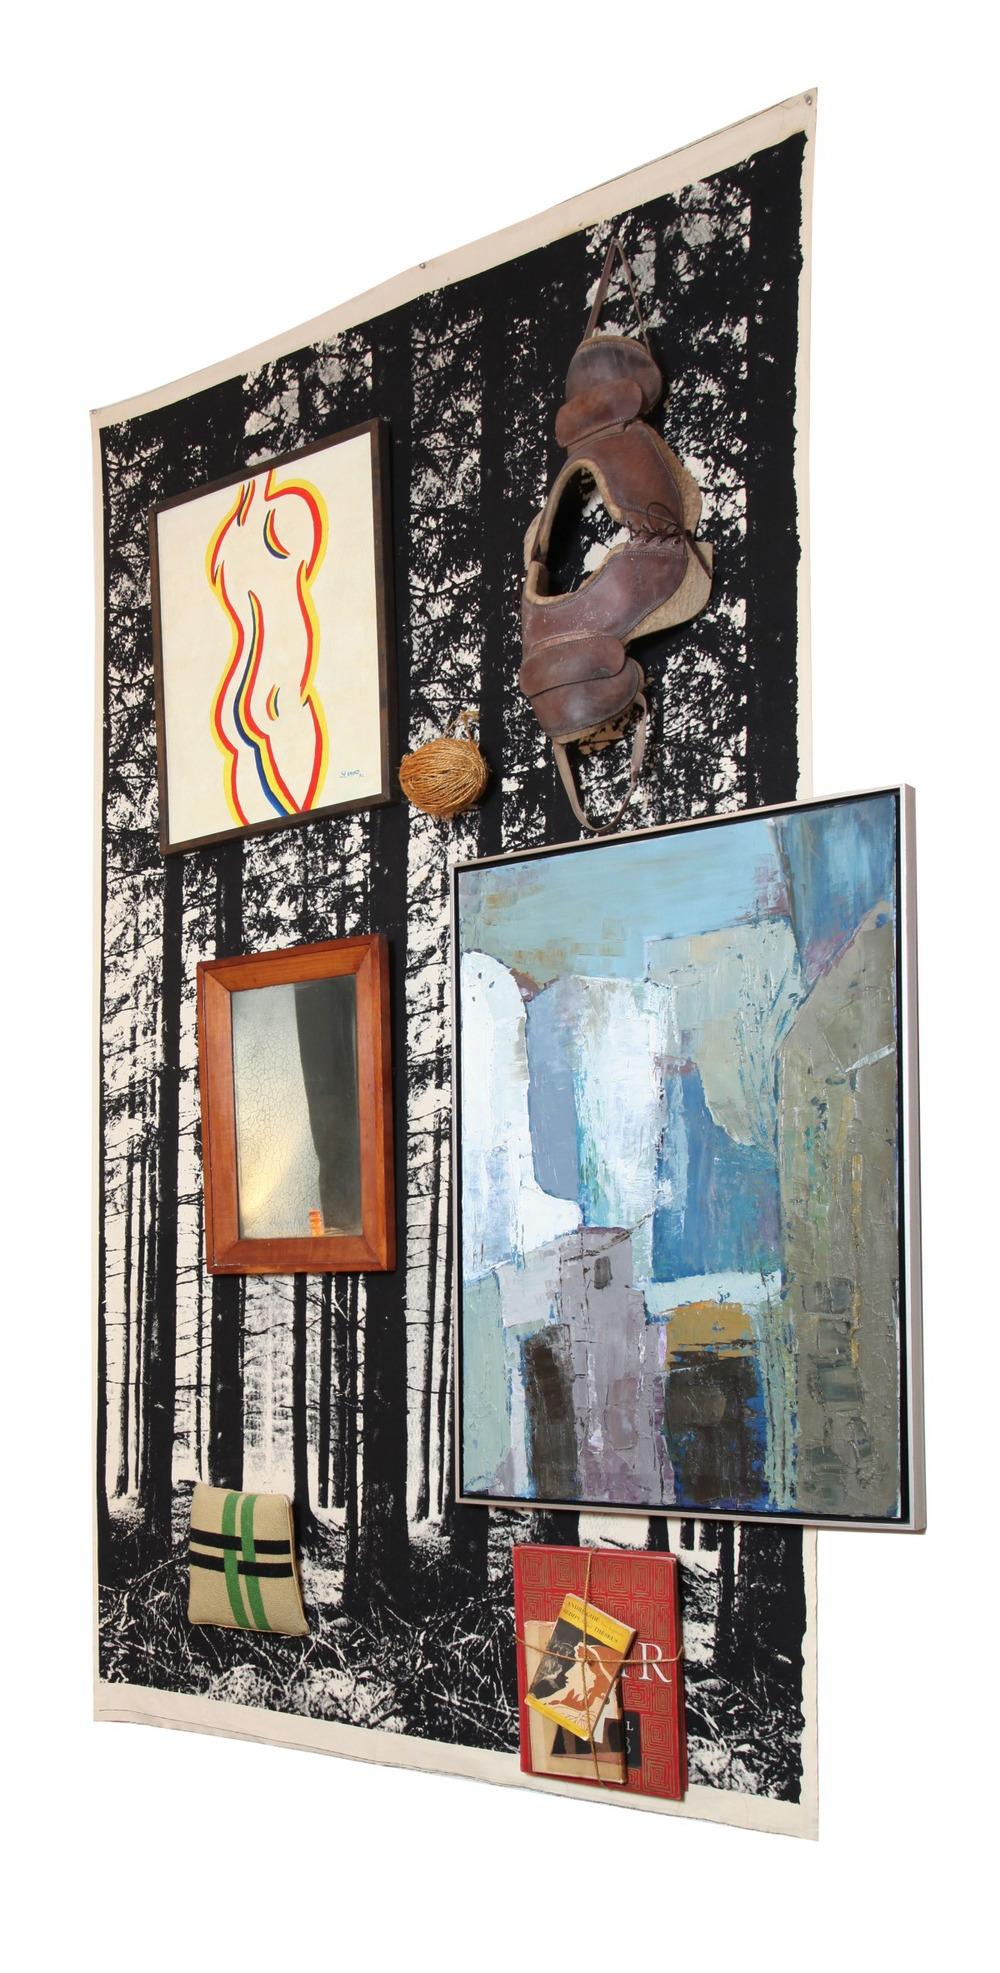 Der Spiegel (relief)